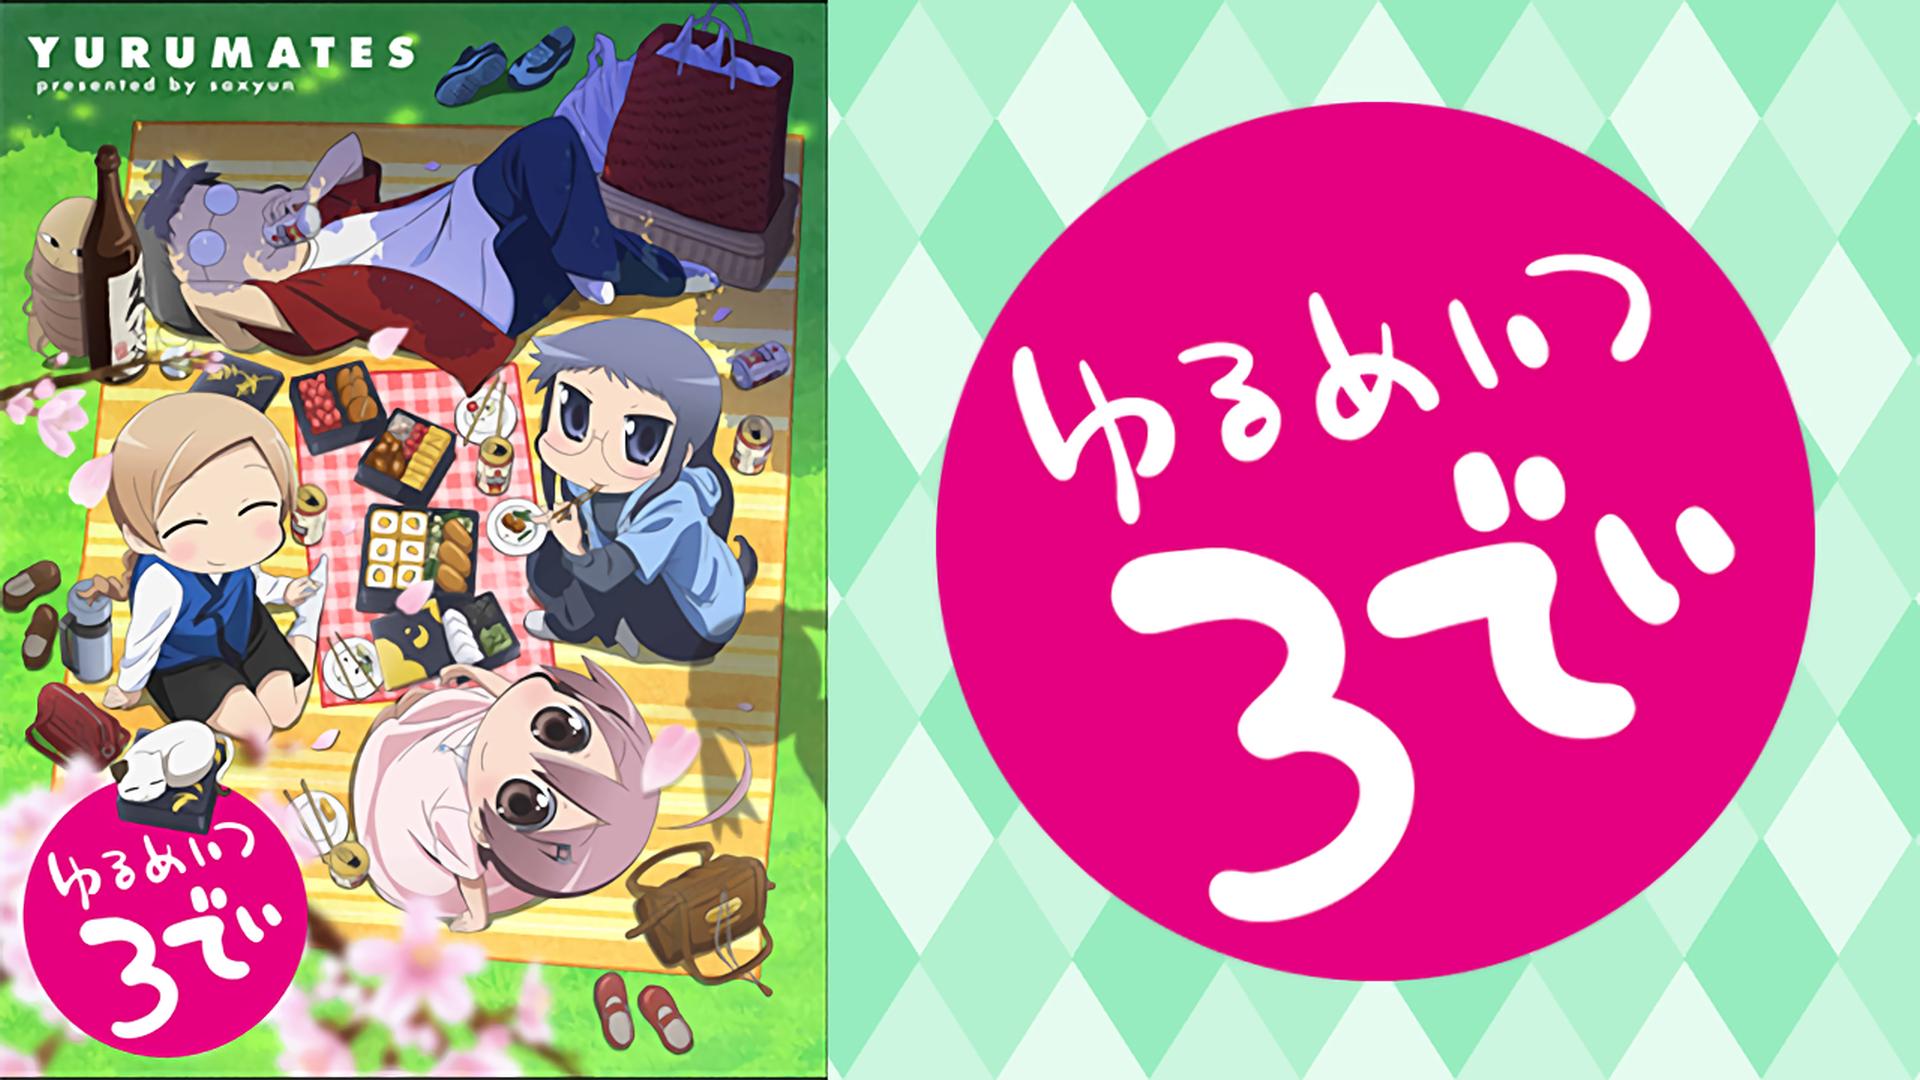 ゆるめいつ 3でぃ(dアニメストア)